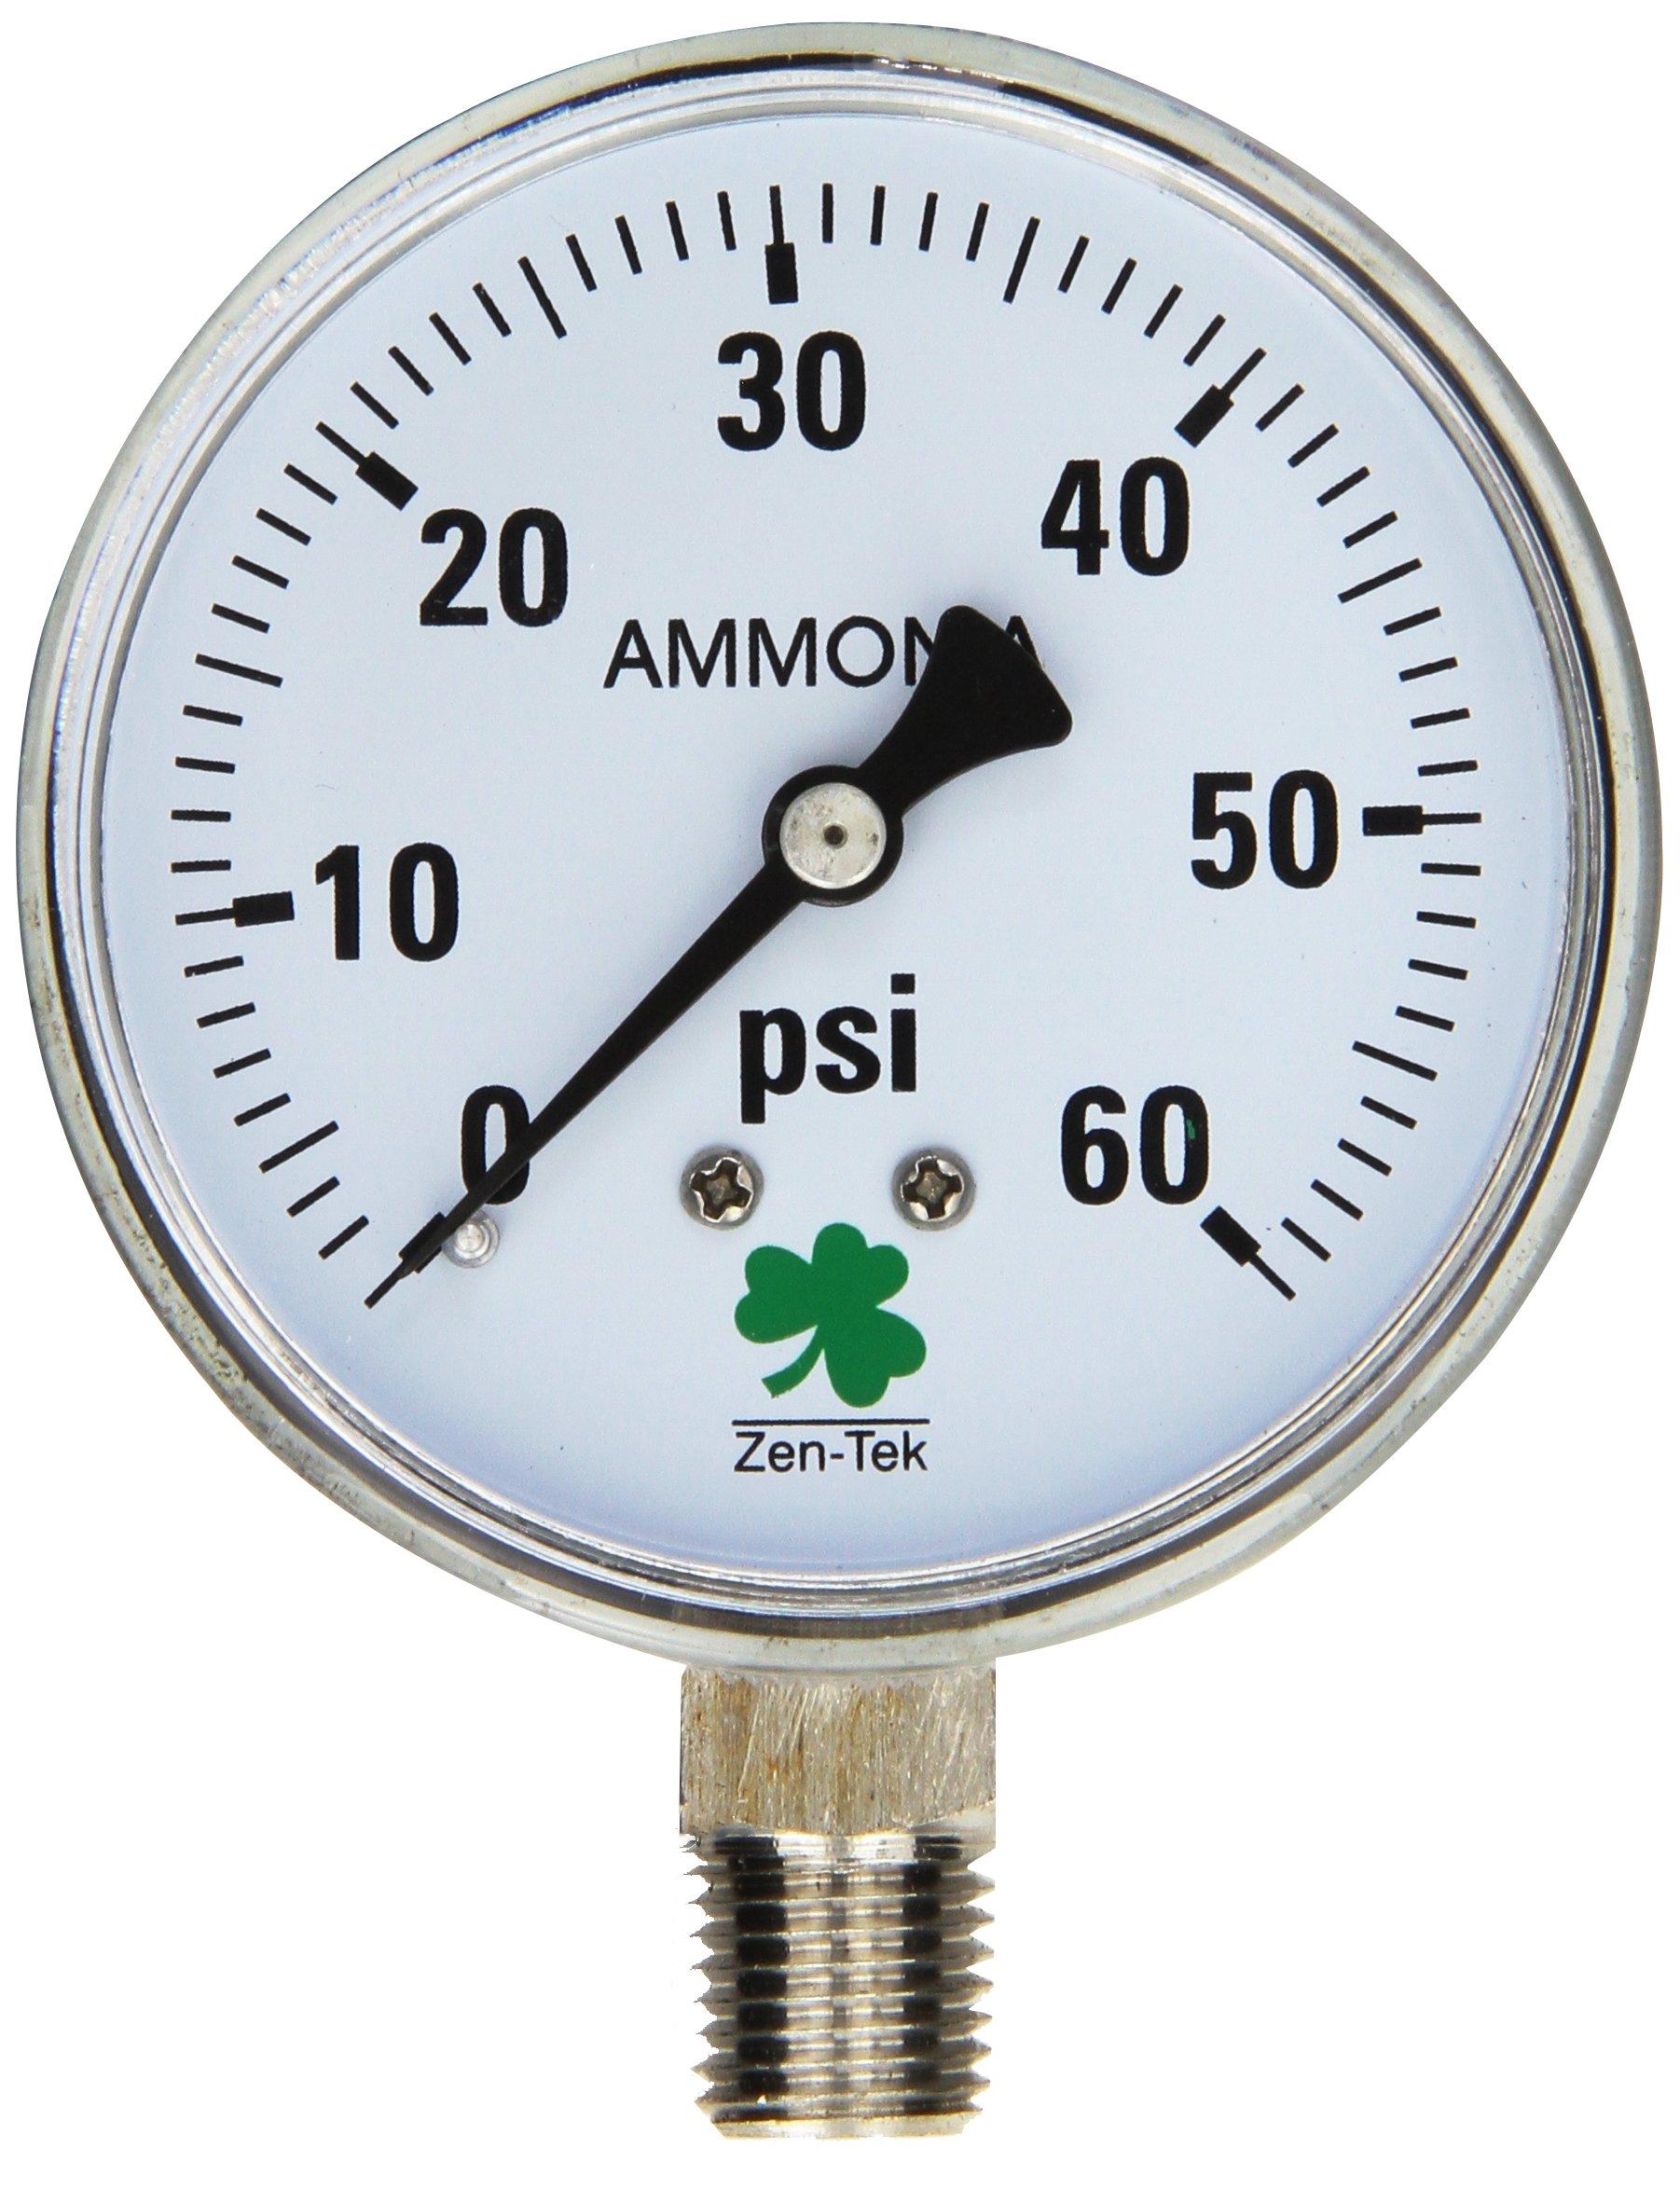 Zenport APG60 Zen-Tek Ammonia Gas Pressure Gauge, 60 PSI by Zenport